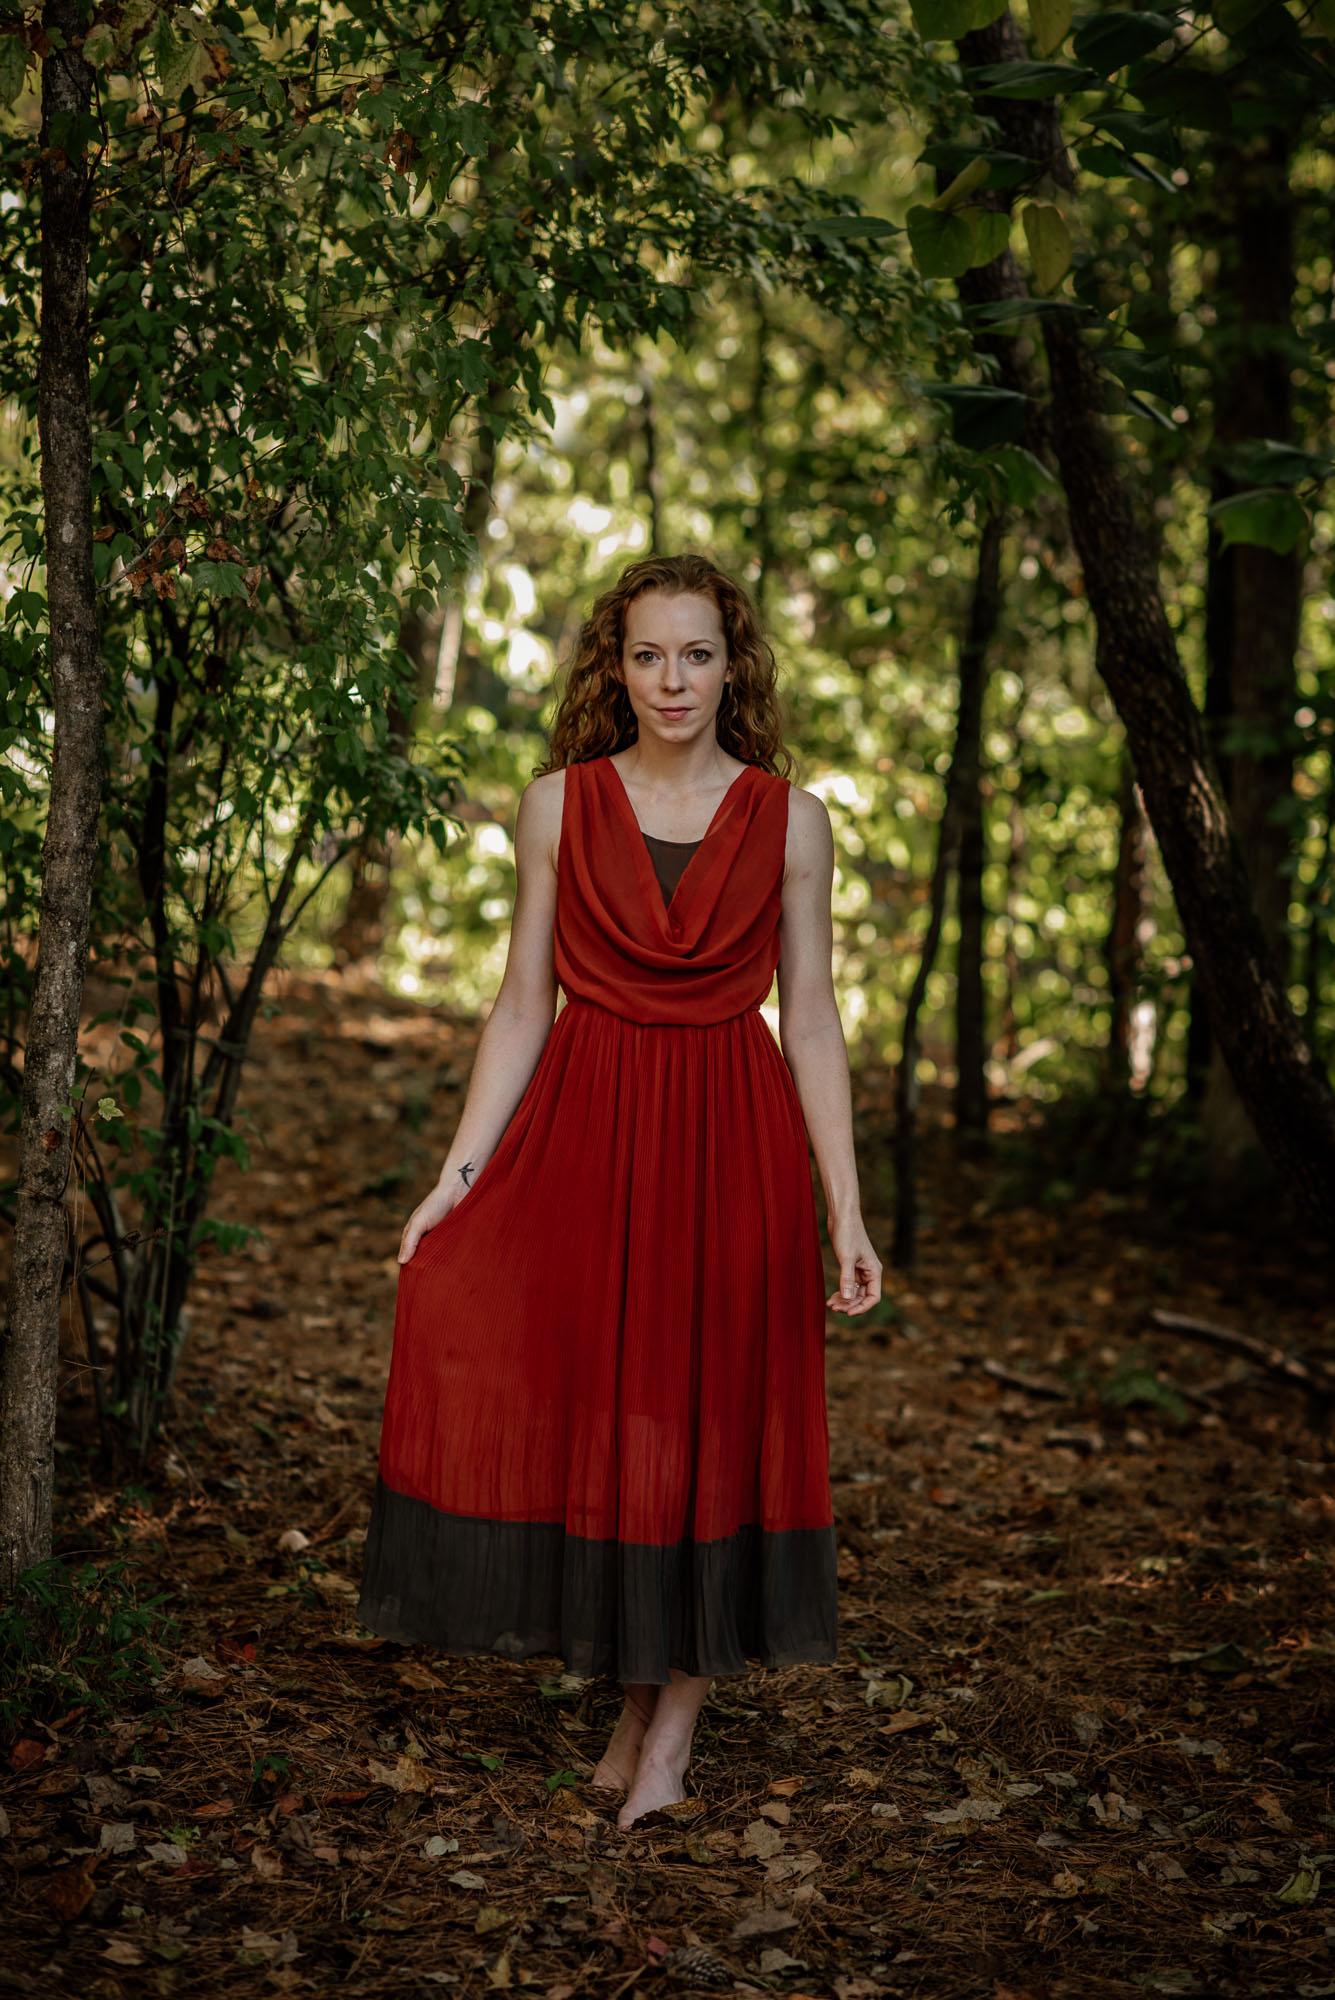 angie webb portrait